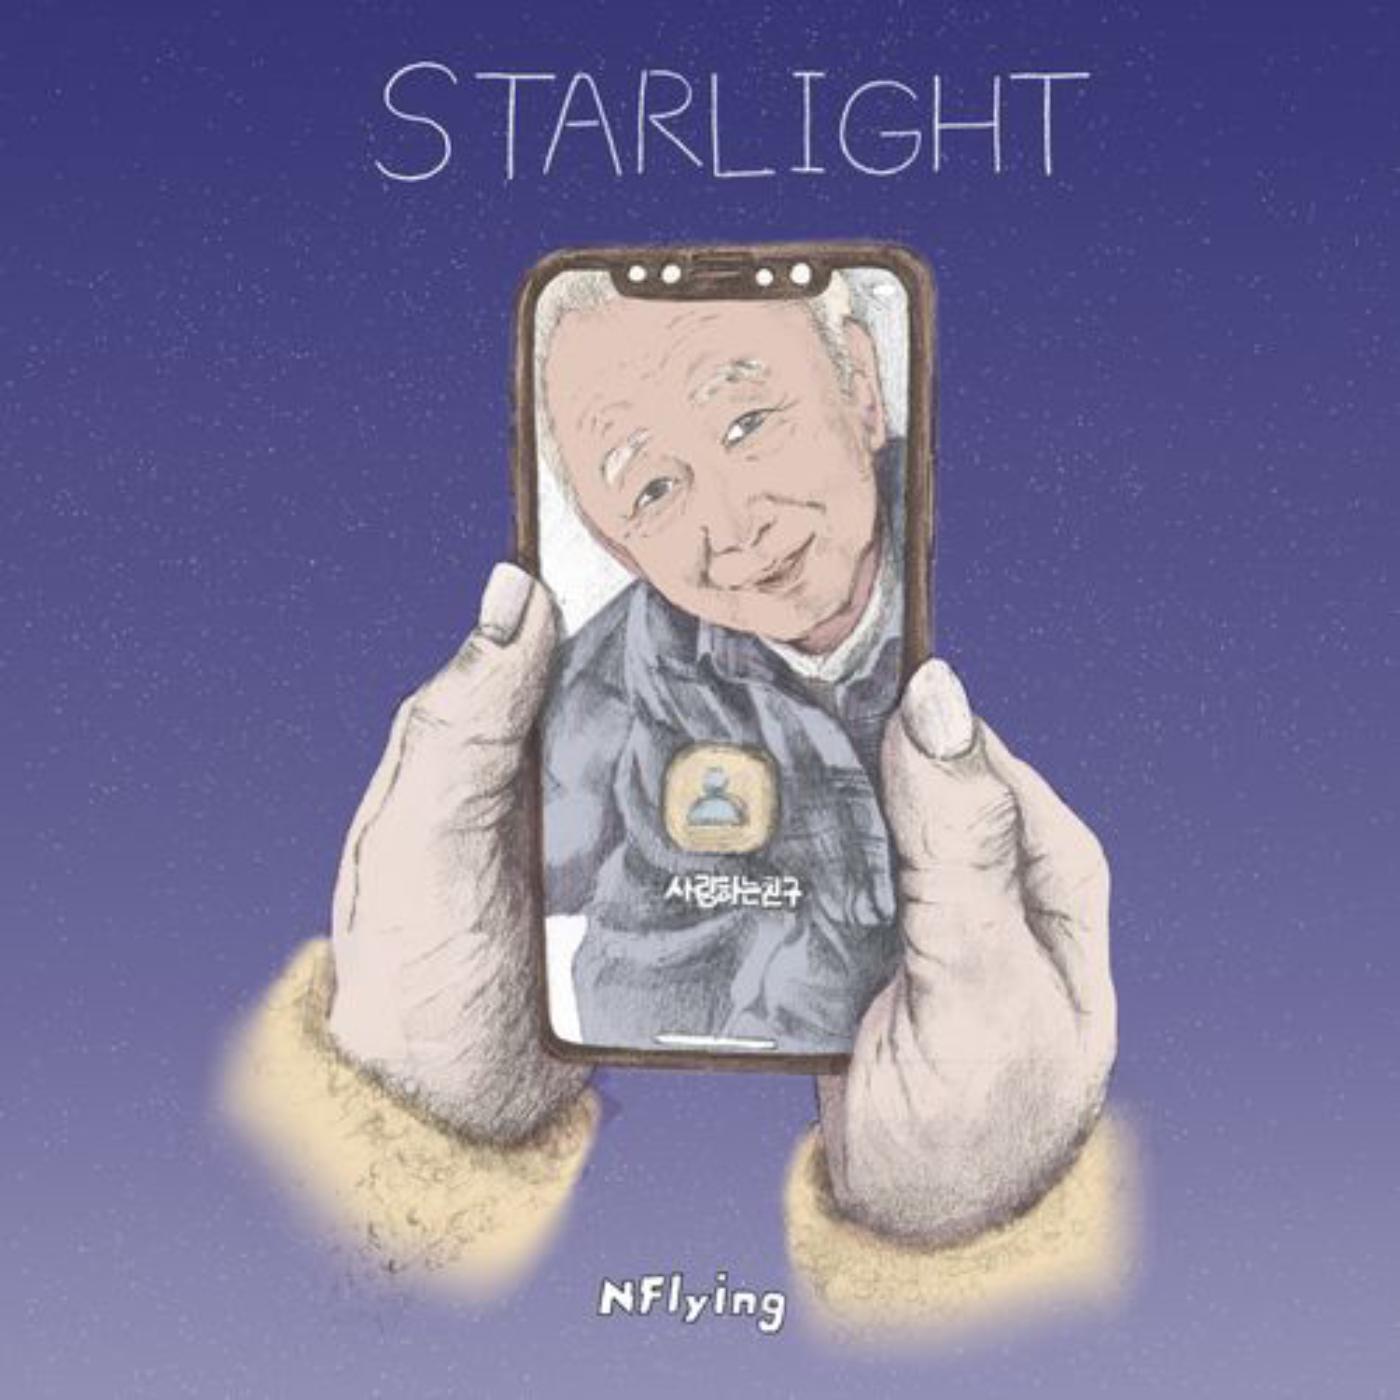 Starlight (N.Flying)